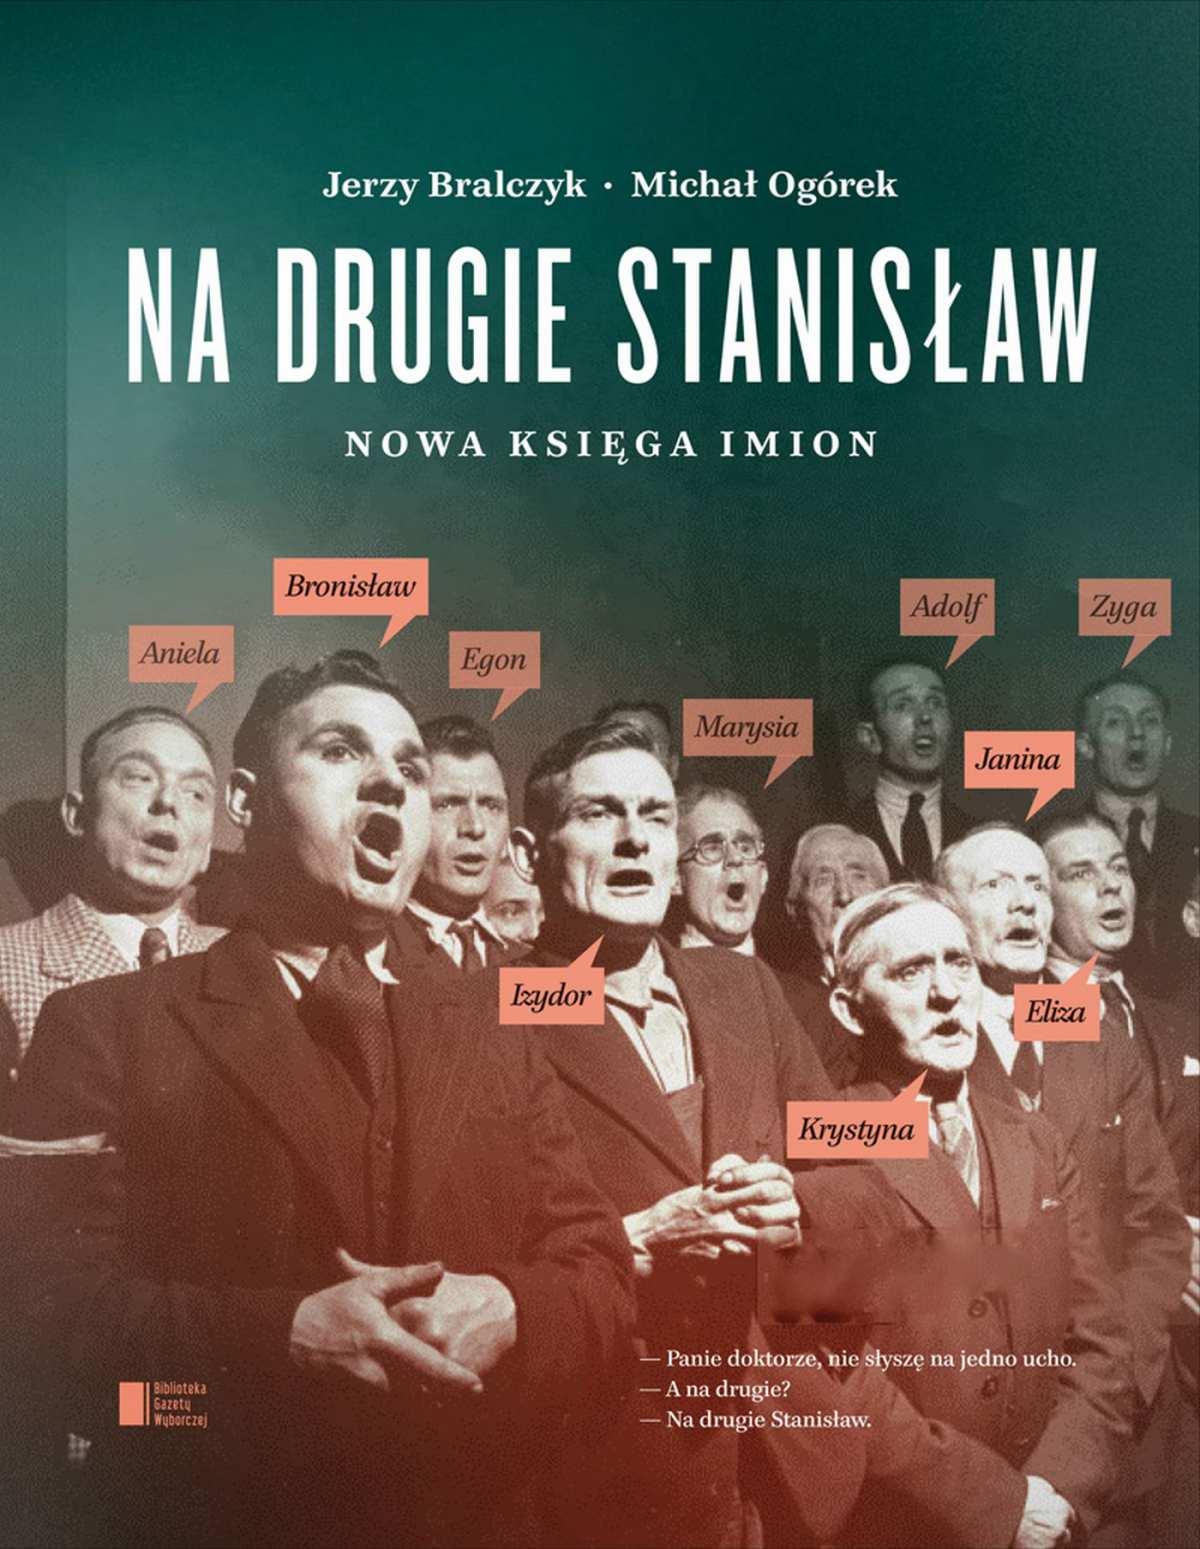 Na drugie Stanisław. Nowa księga imion - Ebook (Książka EPUB) do pobrania w formacie EPUB